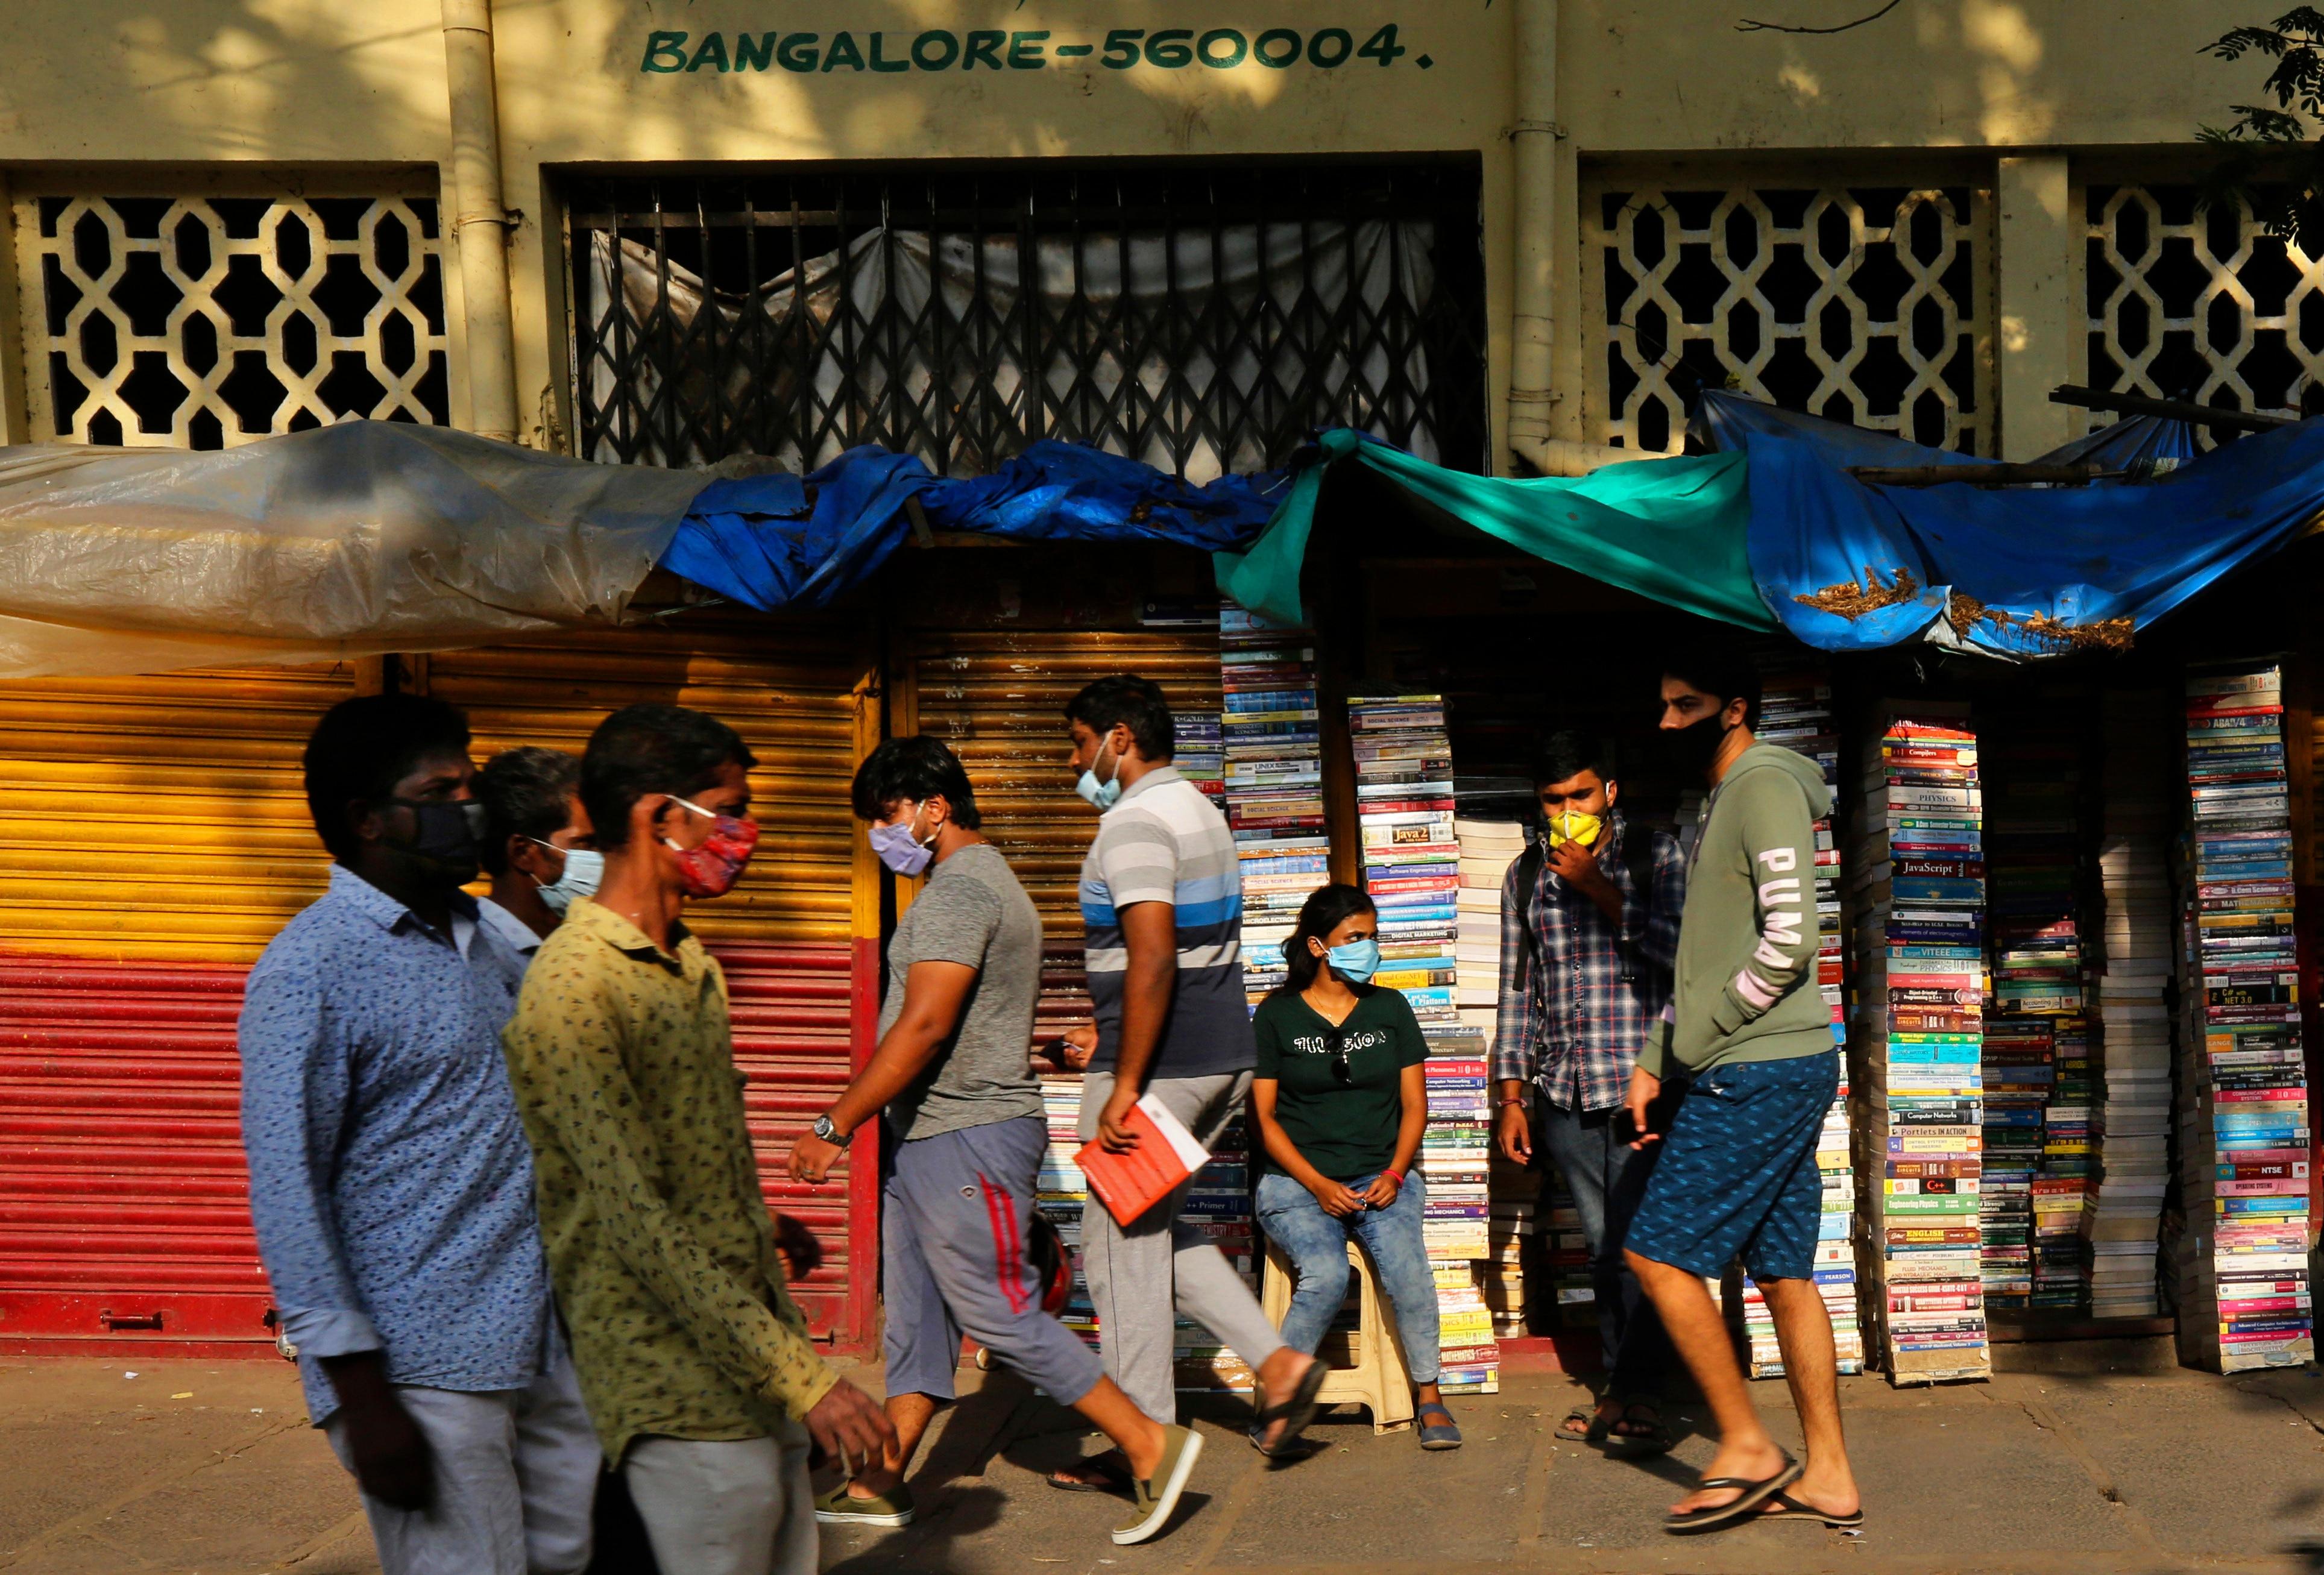 India to loosen coronavirus lockdown